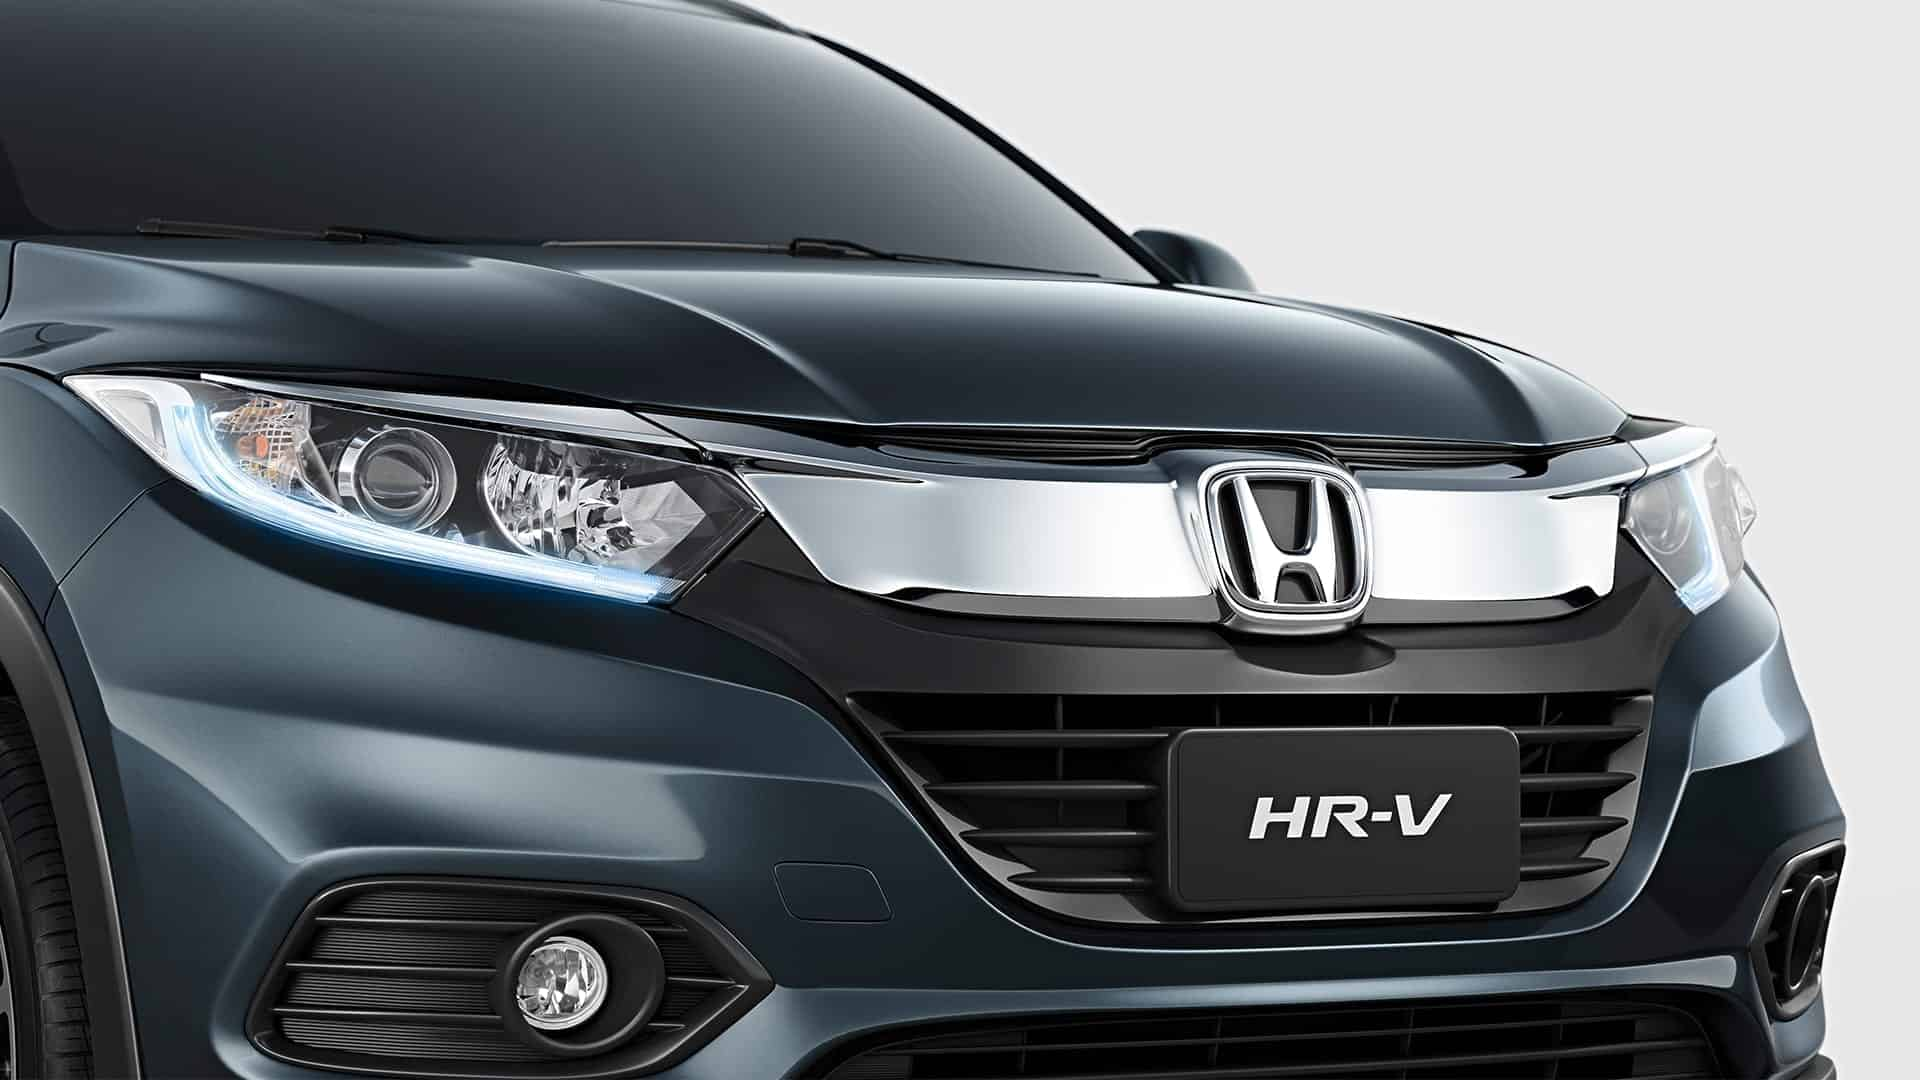 HR-V - Frente imponente com nova grade frontal integrada aos faróis